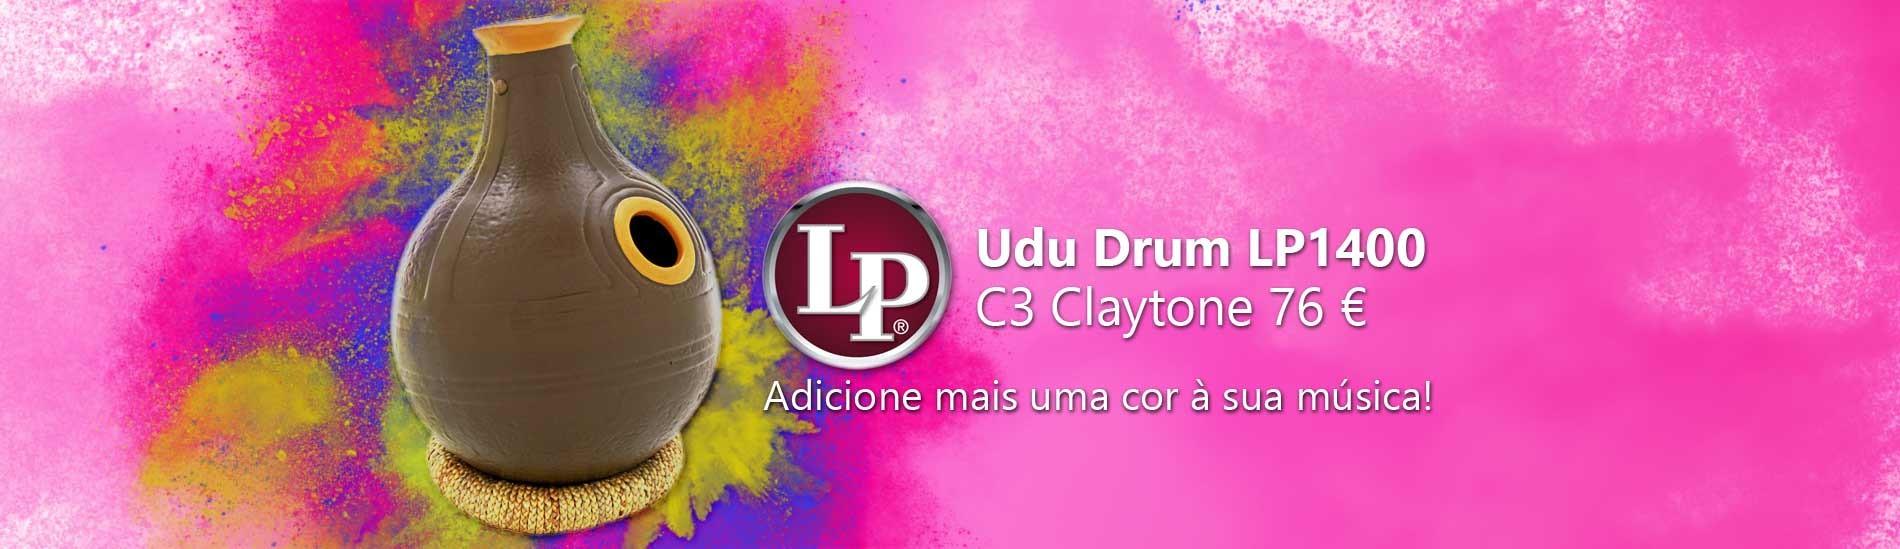 udu-lp1400-c3-portugues